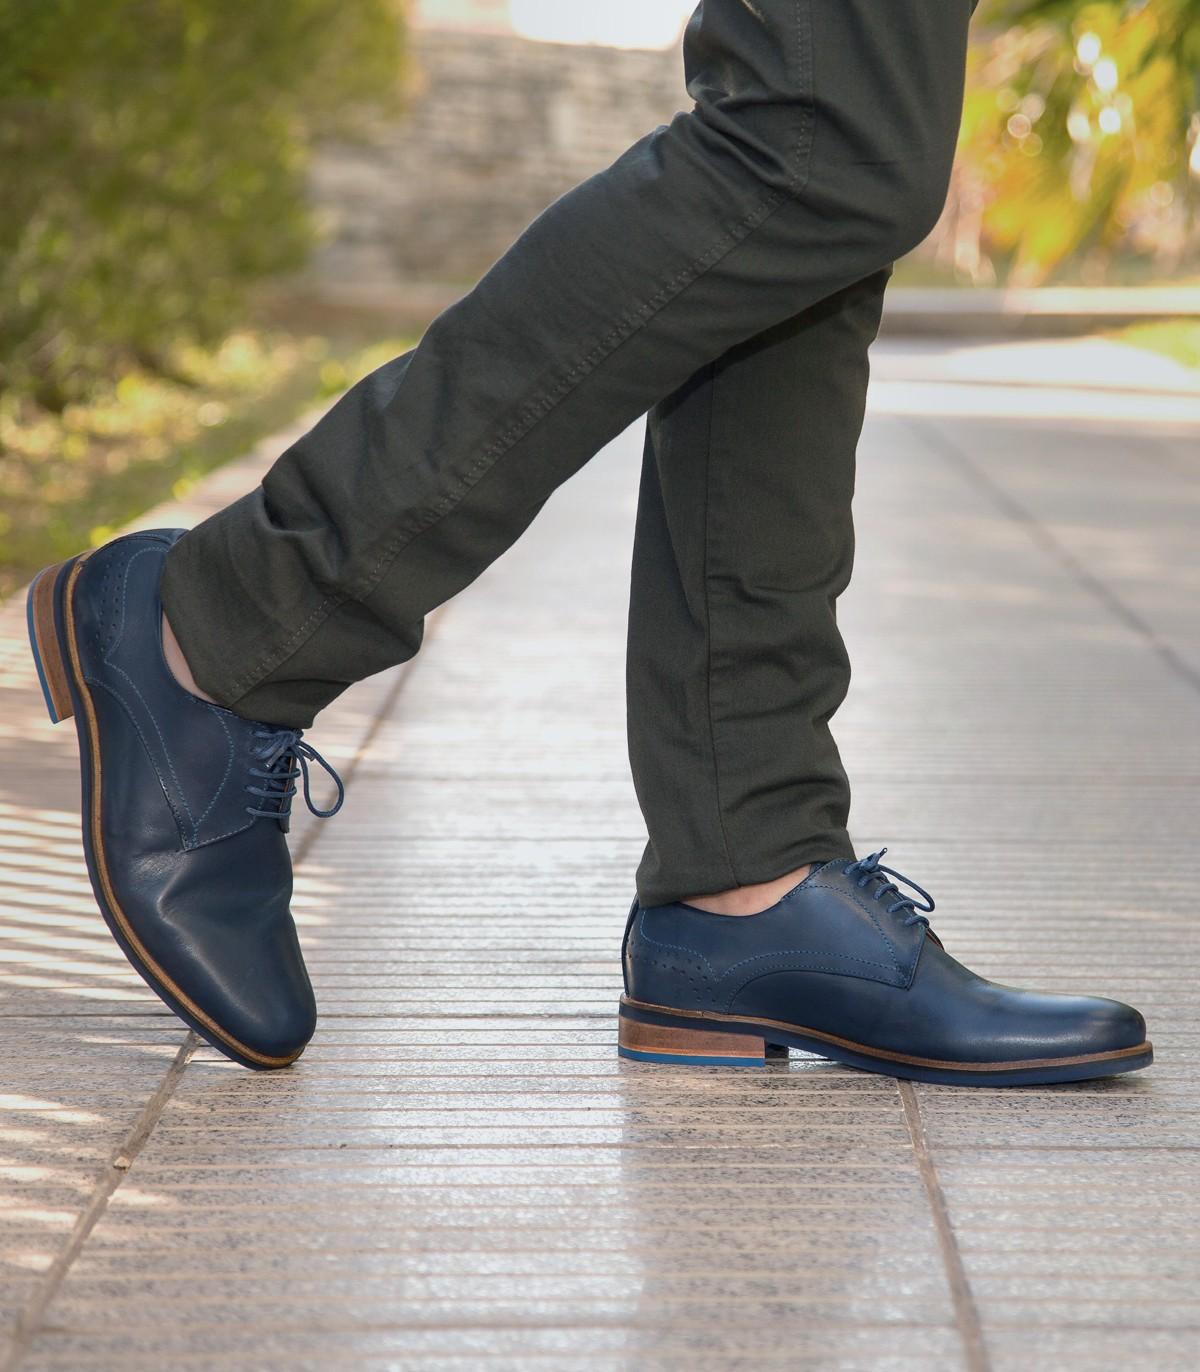 feb9b1b5375 Zapatos de vestir de cuero azul de hombres en Batistella